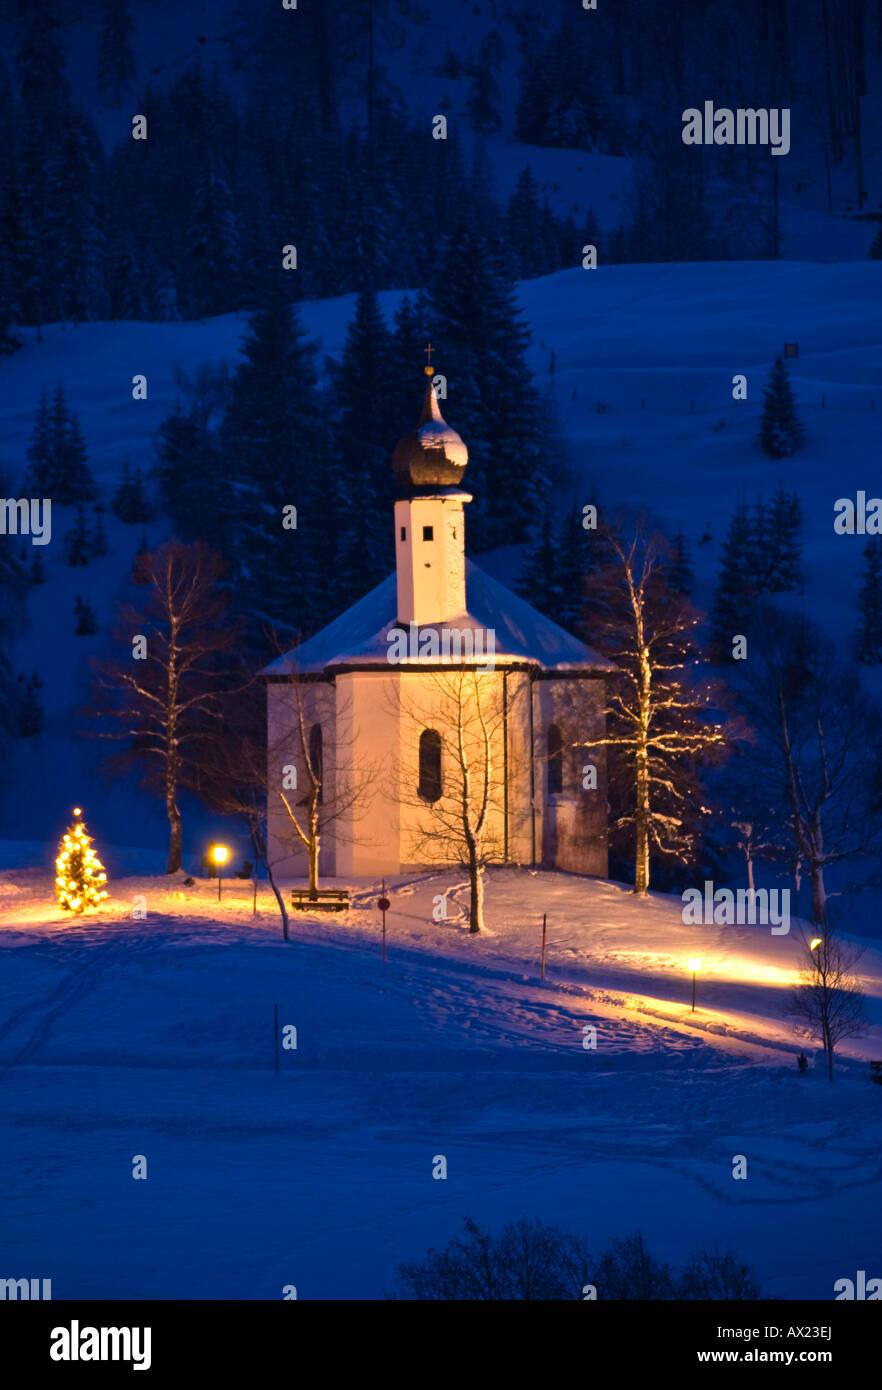 St. Anna Kirche mit Weihnachtsbaum, Kapelle, Achenkirch, Tirol, Österreich Stockbild